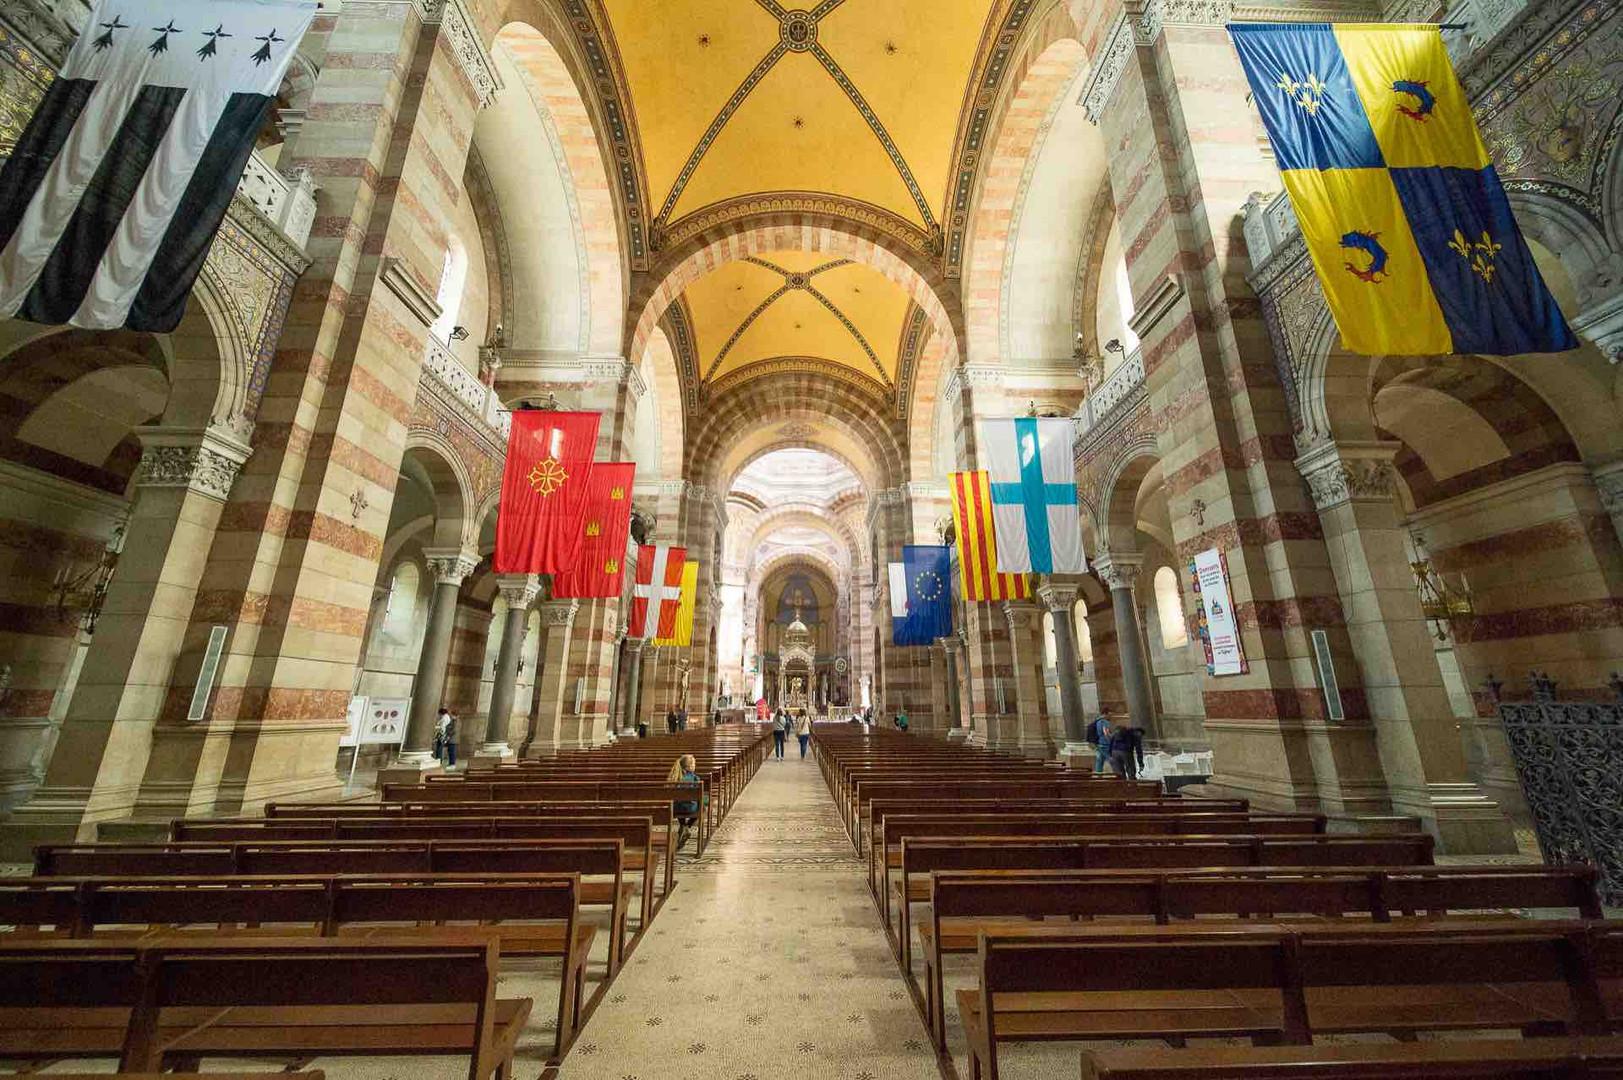 018-balade-vers-la-cathedrale-de-la-majo